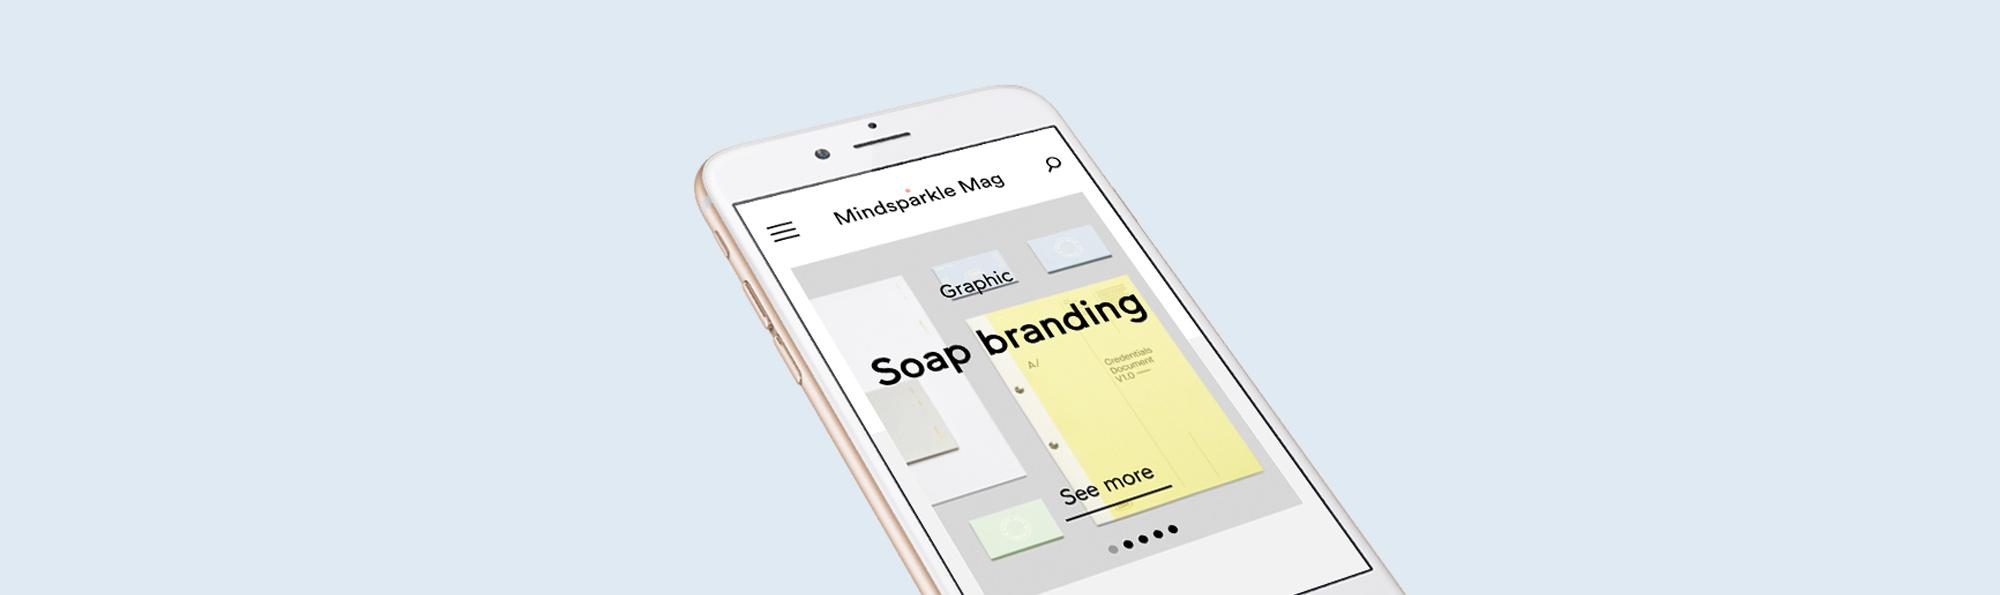 new mindsparkle mag mobile optimised designblog webdesign websites video www.mindsparklemag.com inspiration